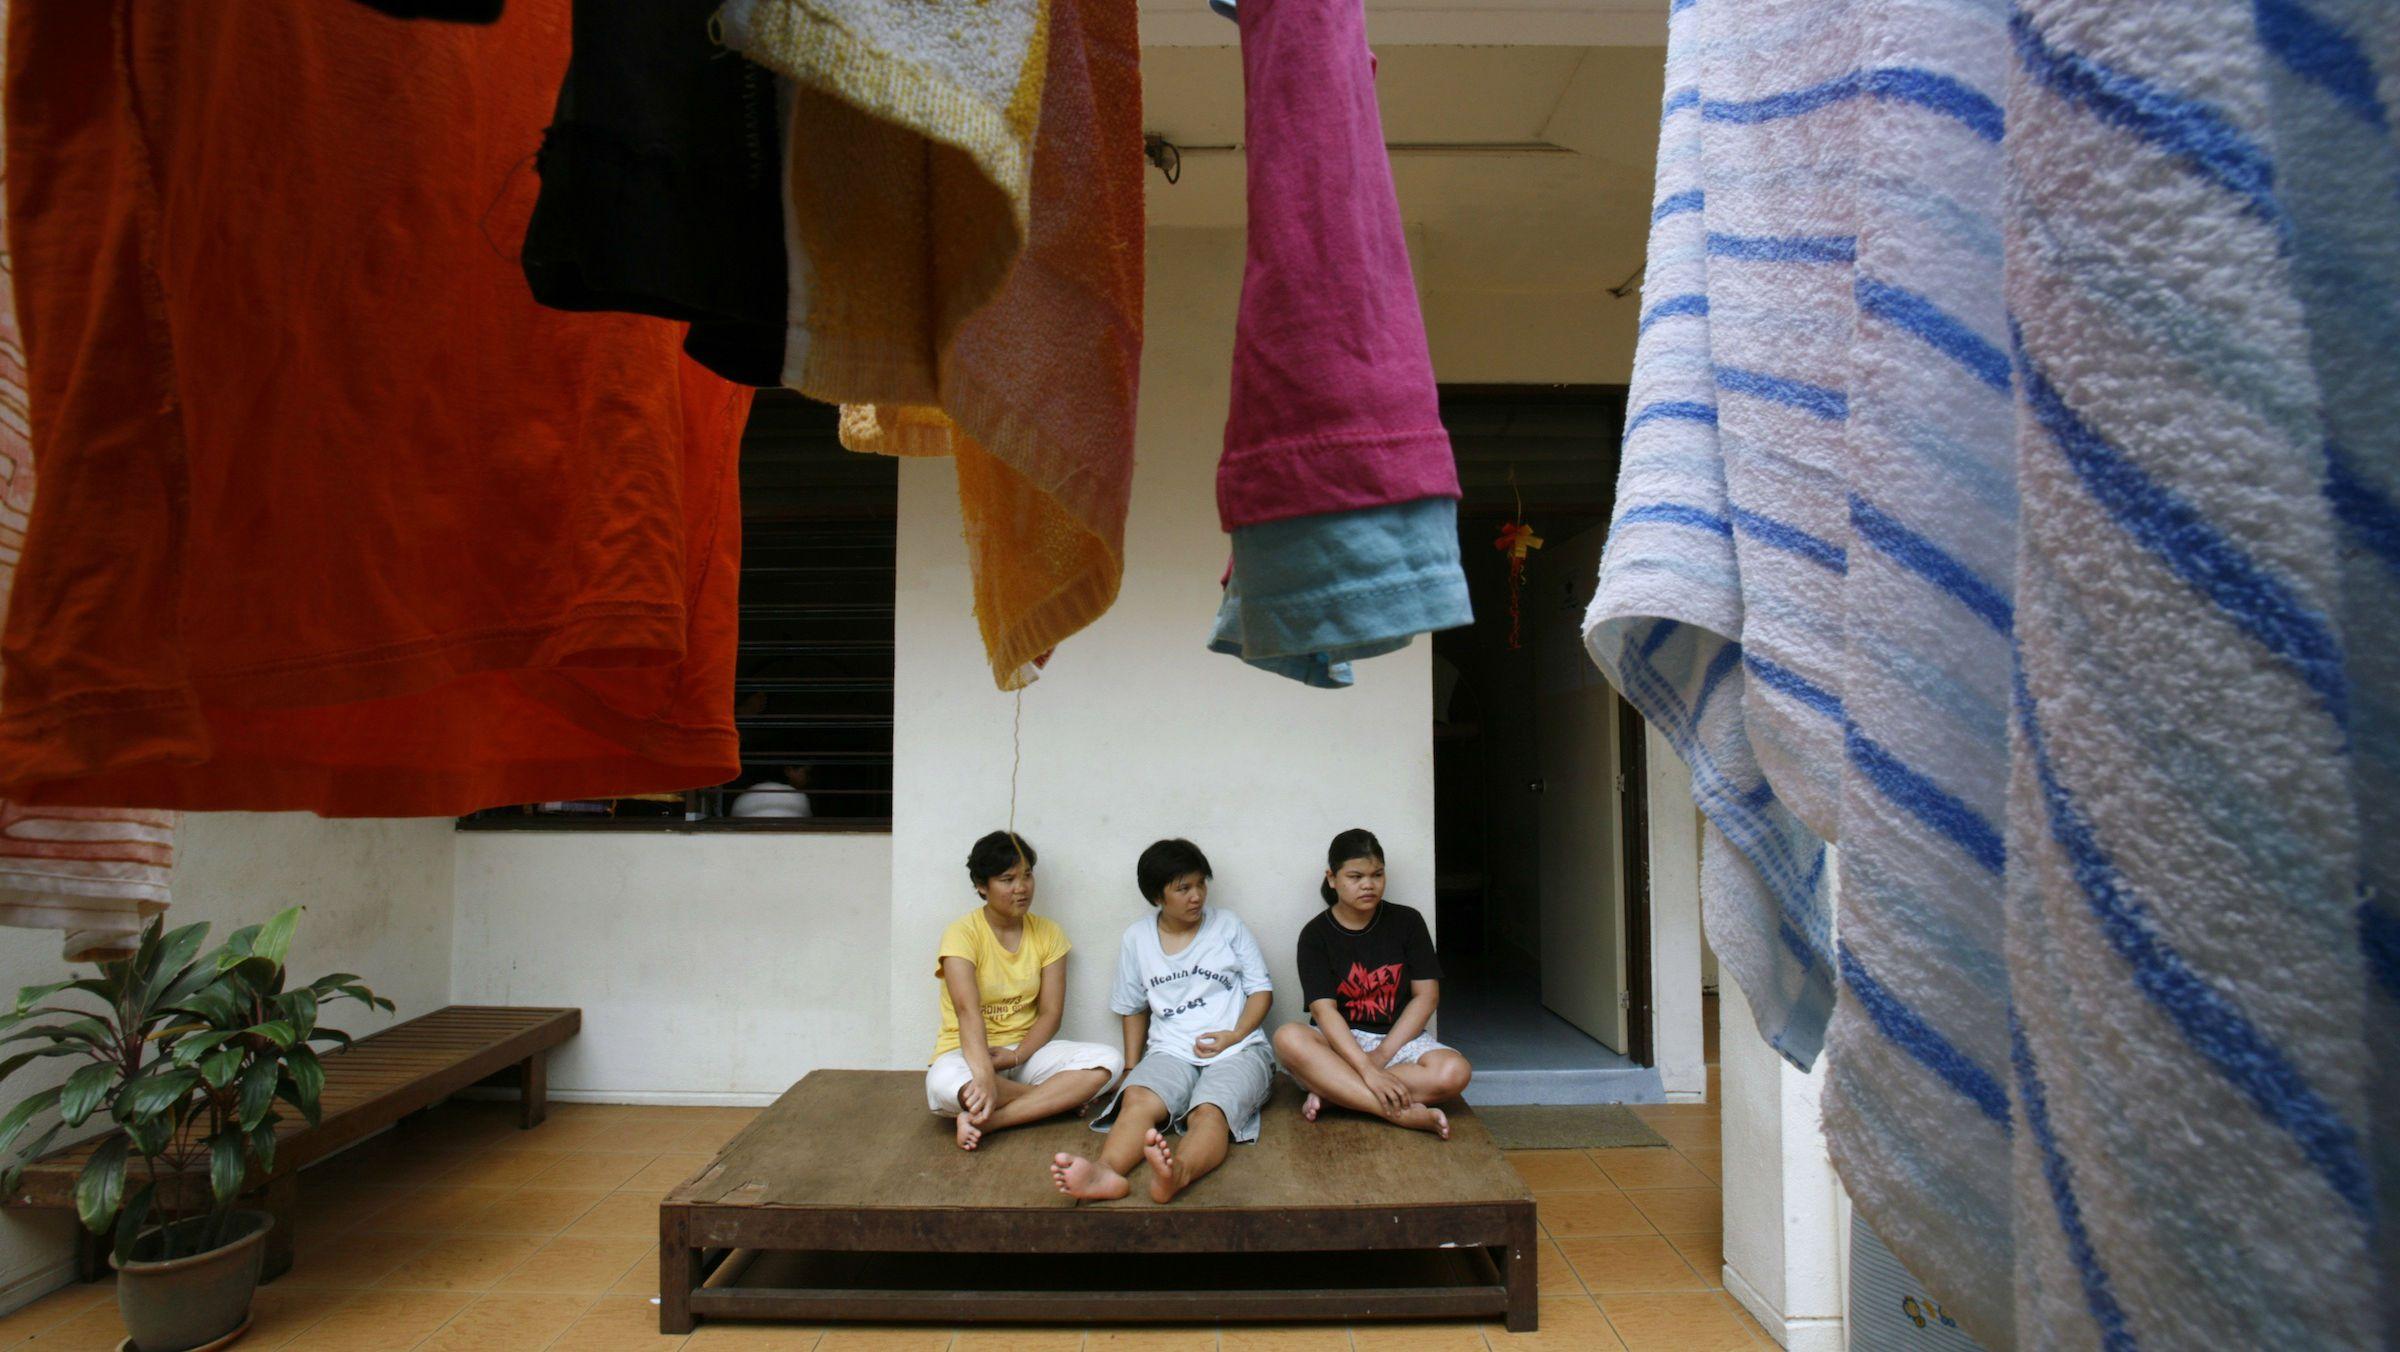 indonesian maids in malaysia web